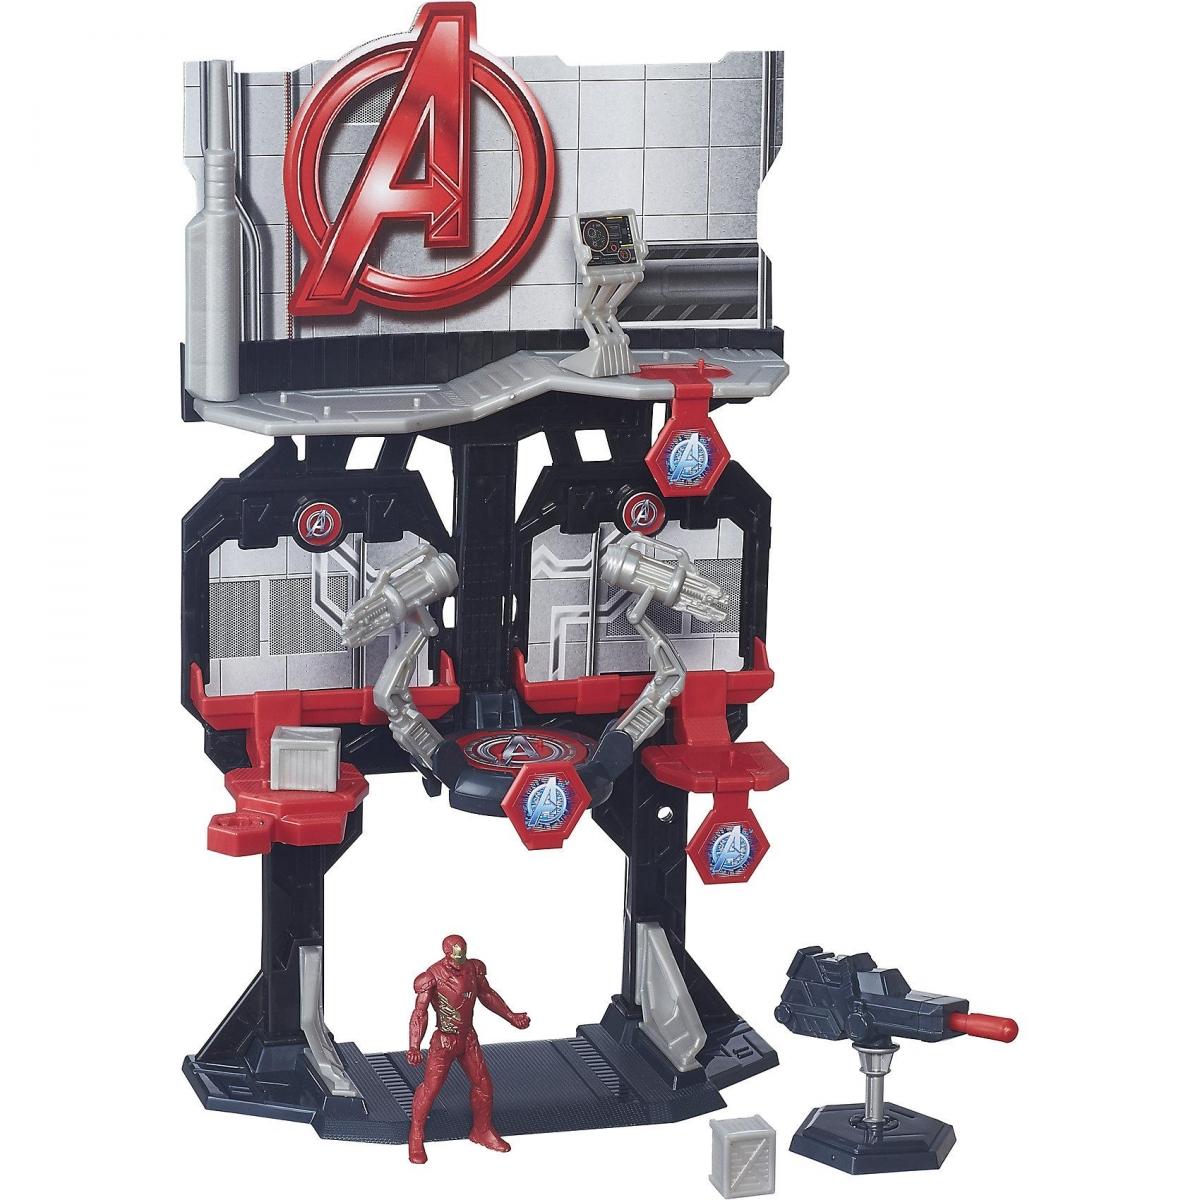 Игровой набор Hasbro Игровая башня Мстителей  Штаб-квартира Железного человека